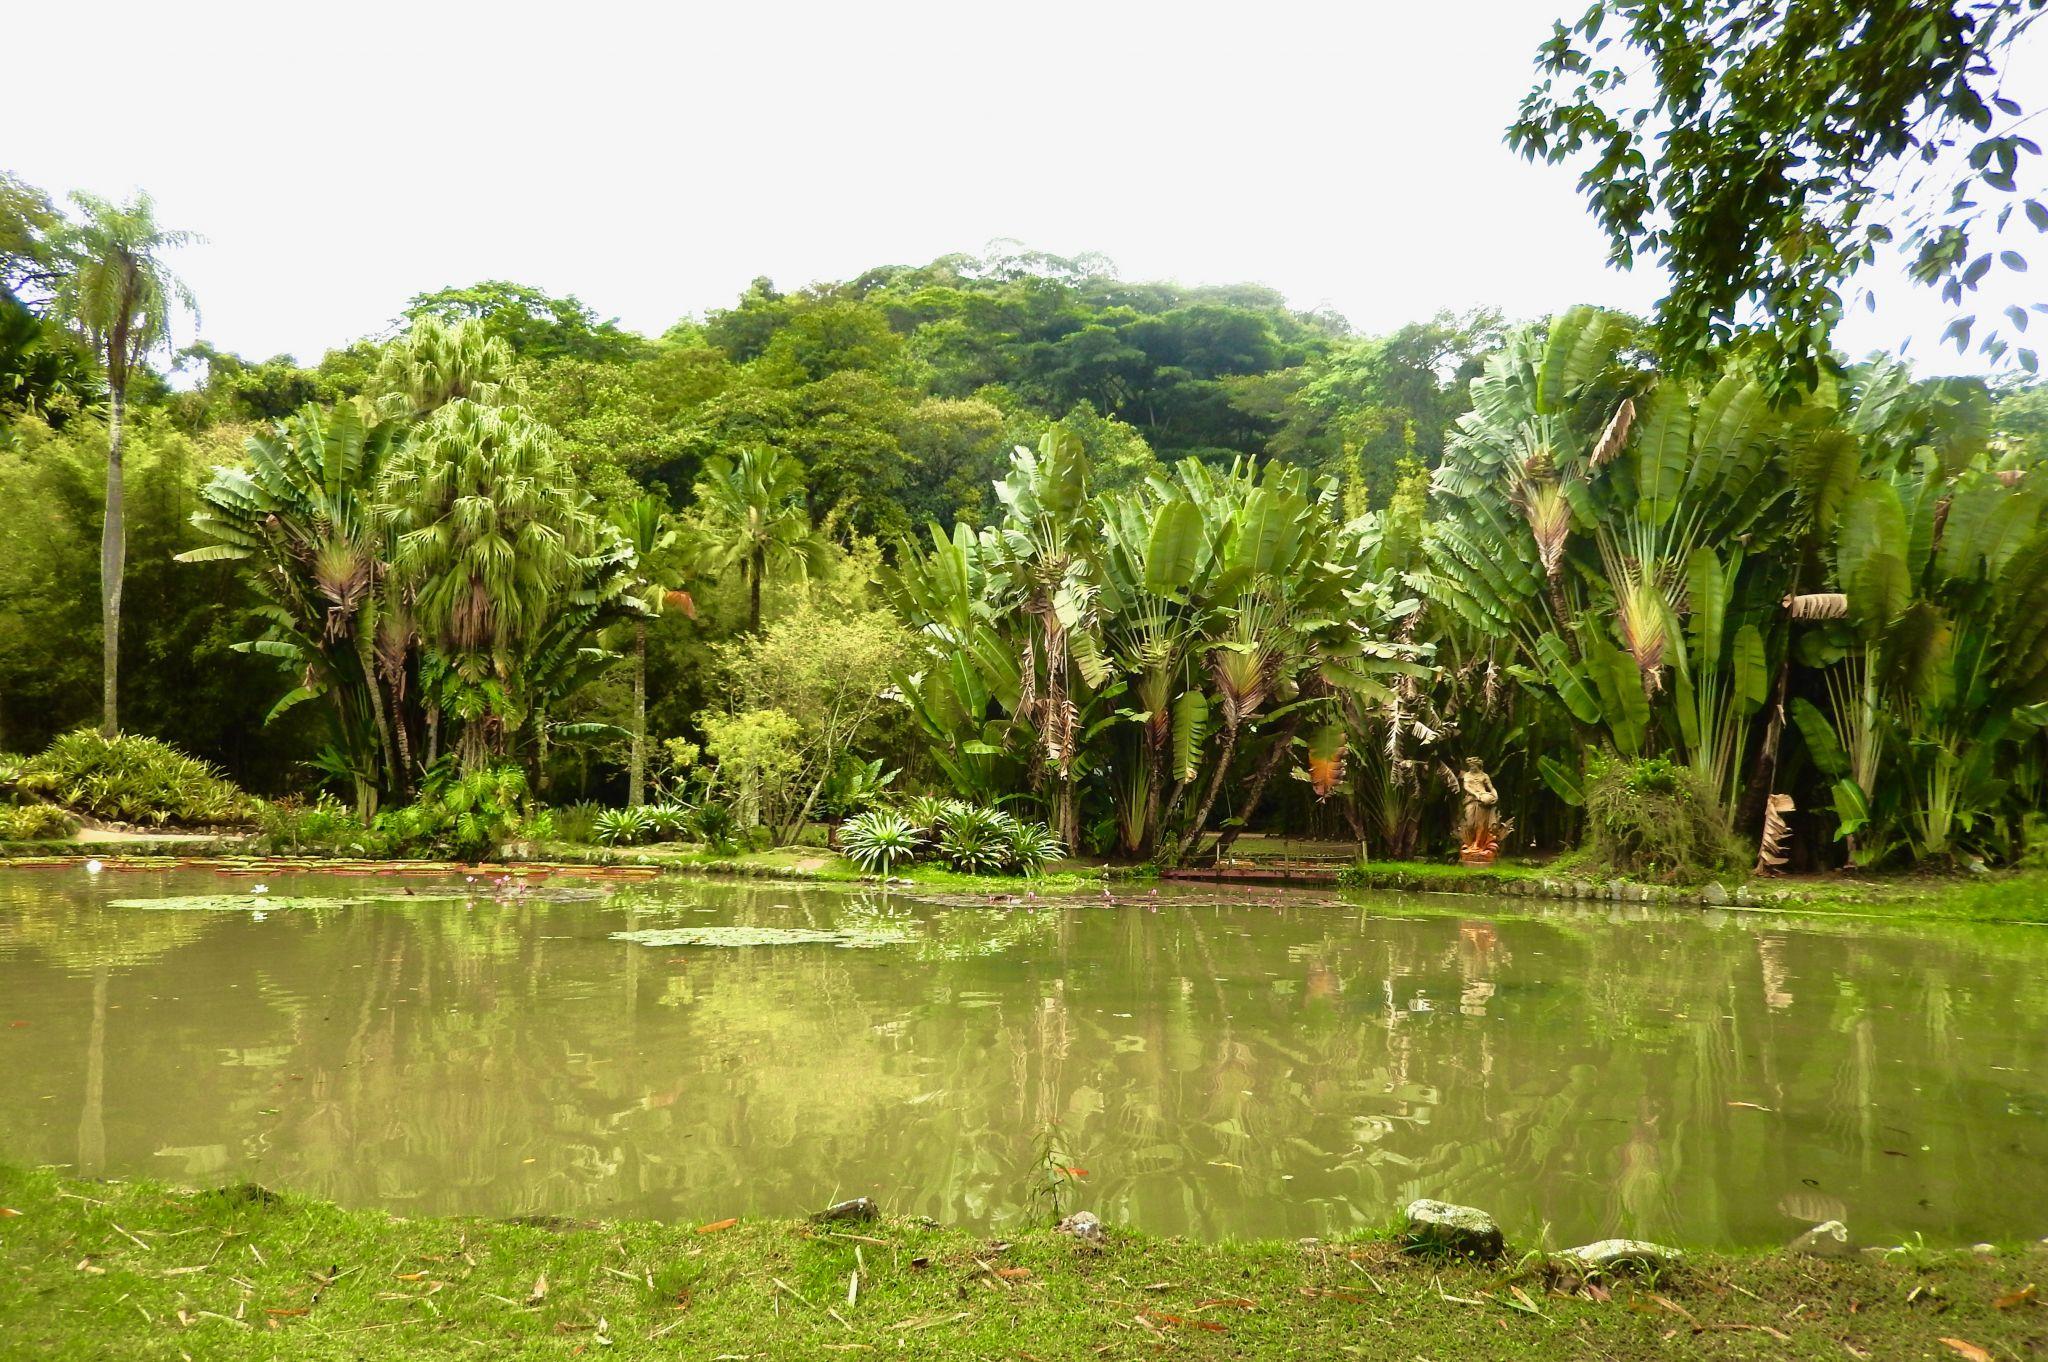 Jardim botânico in Rio de Janeiro